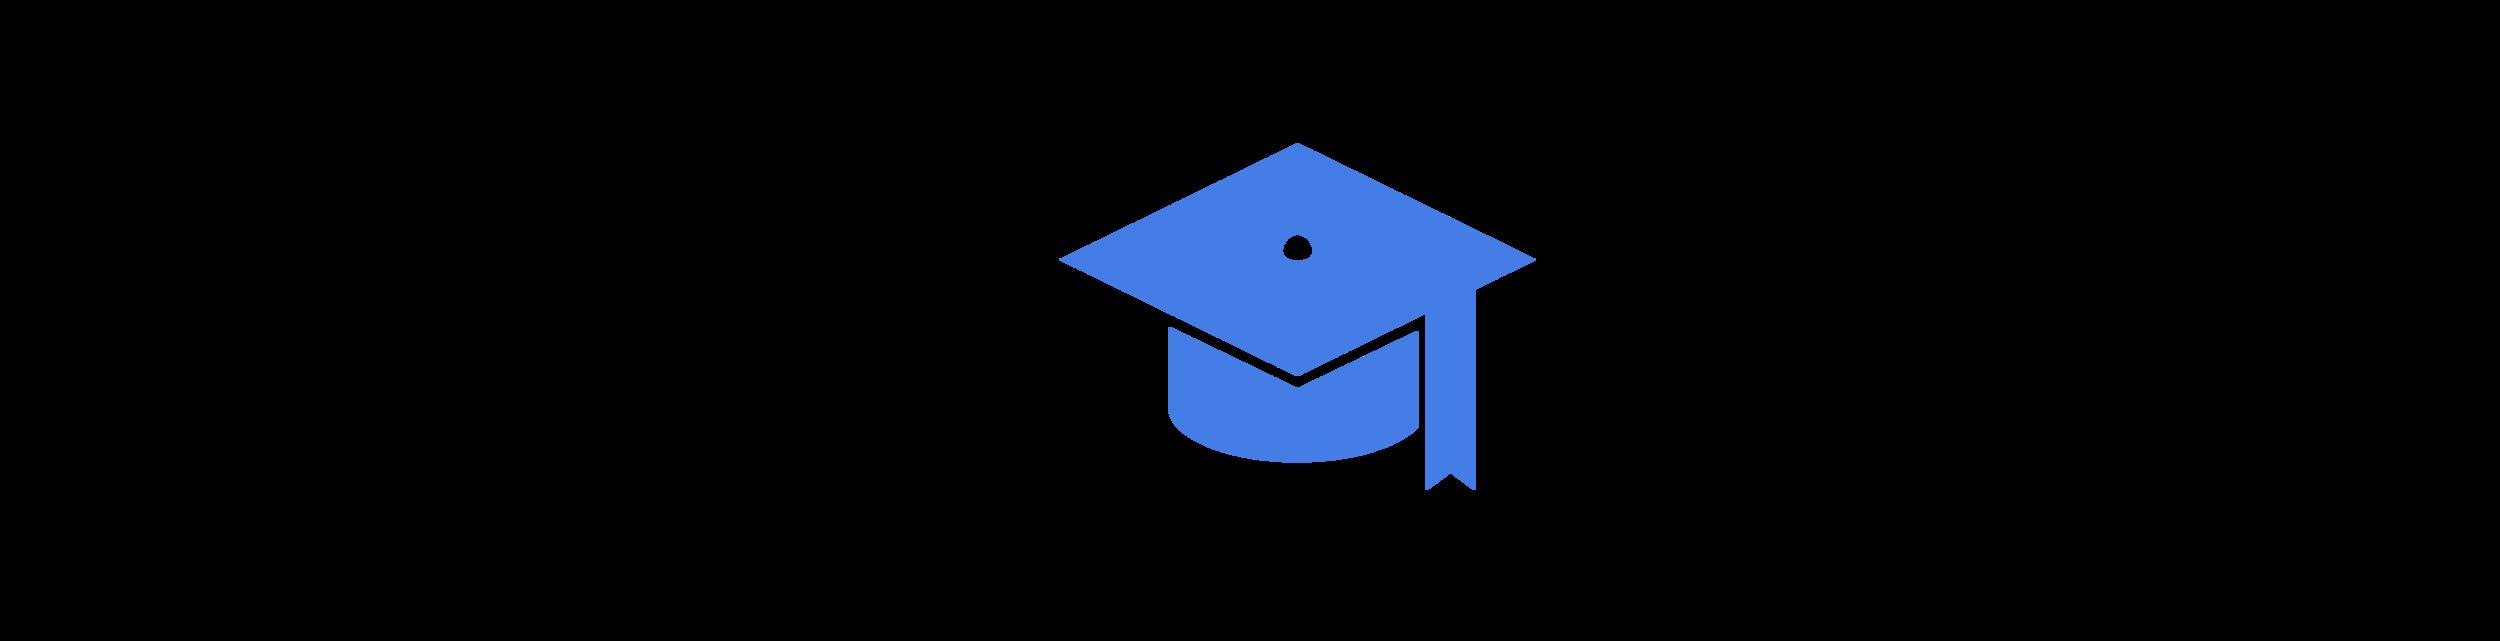 WEBSITE - Coaching LOGO - BLUE 6.png